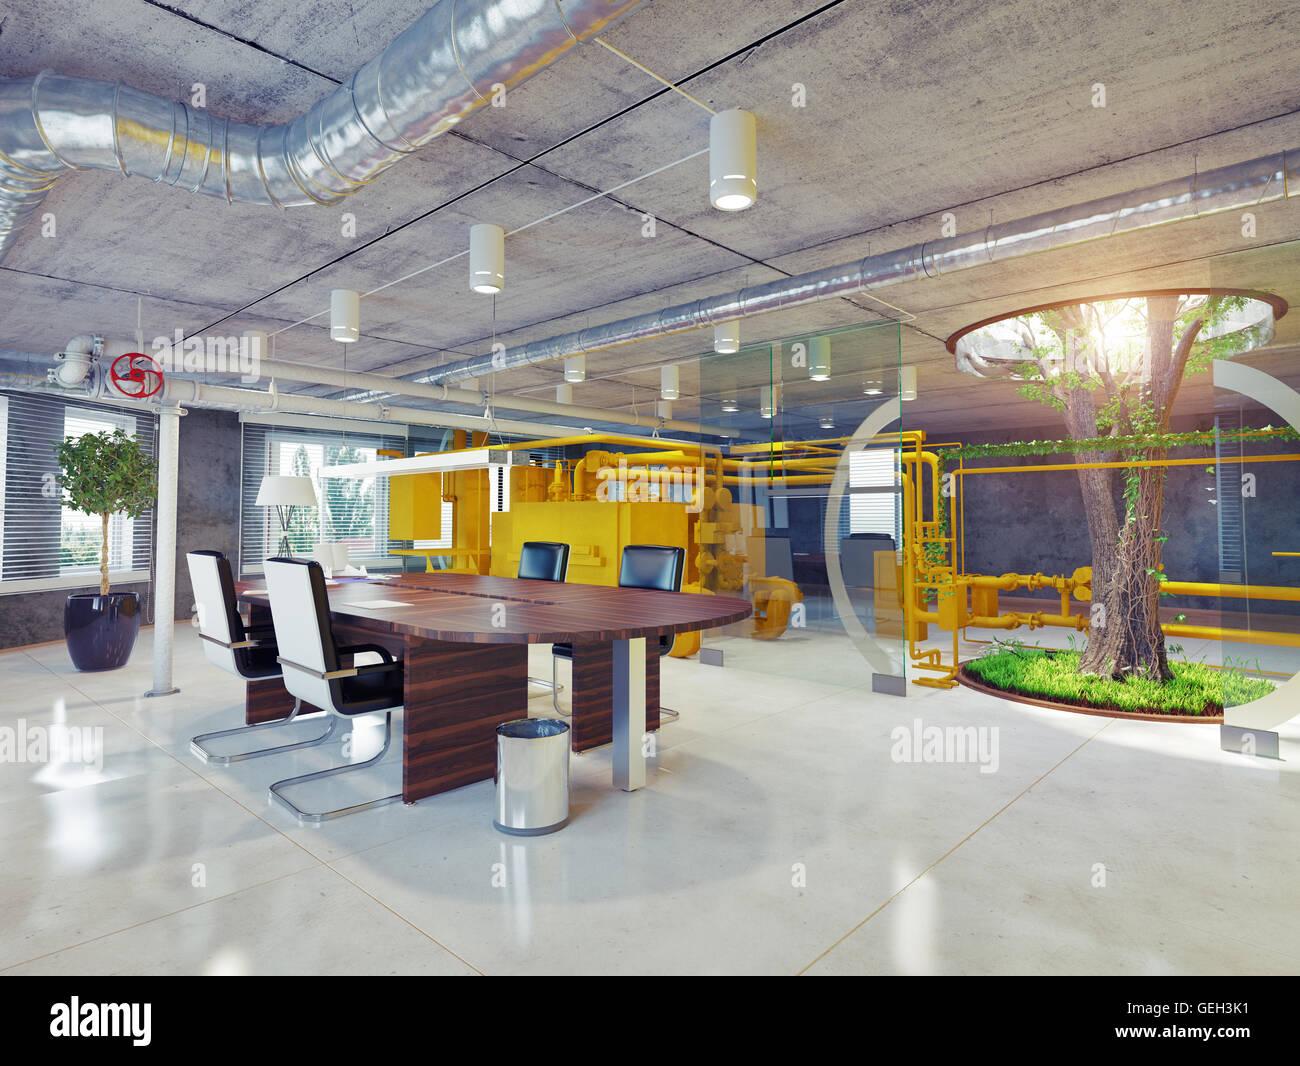 Oficina eco moderno interior. Concepto arquitectónico 3d Imagen De Stock